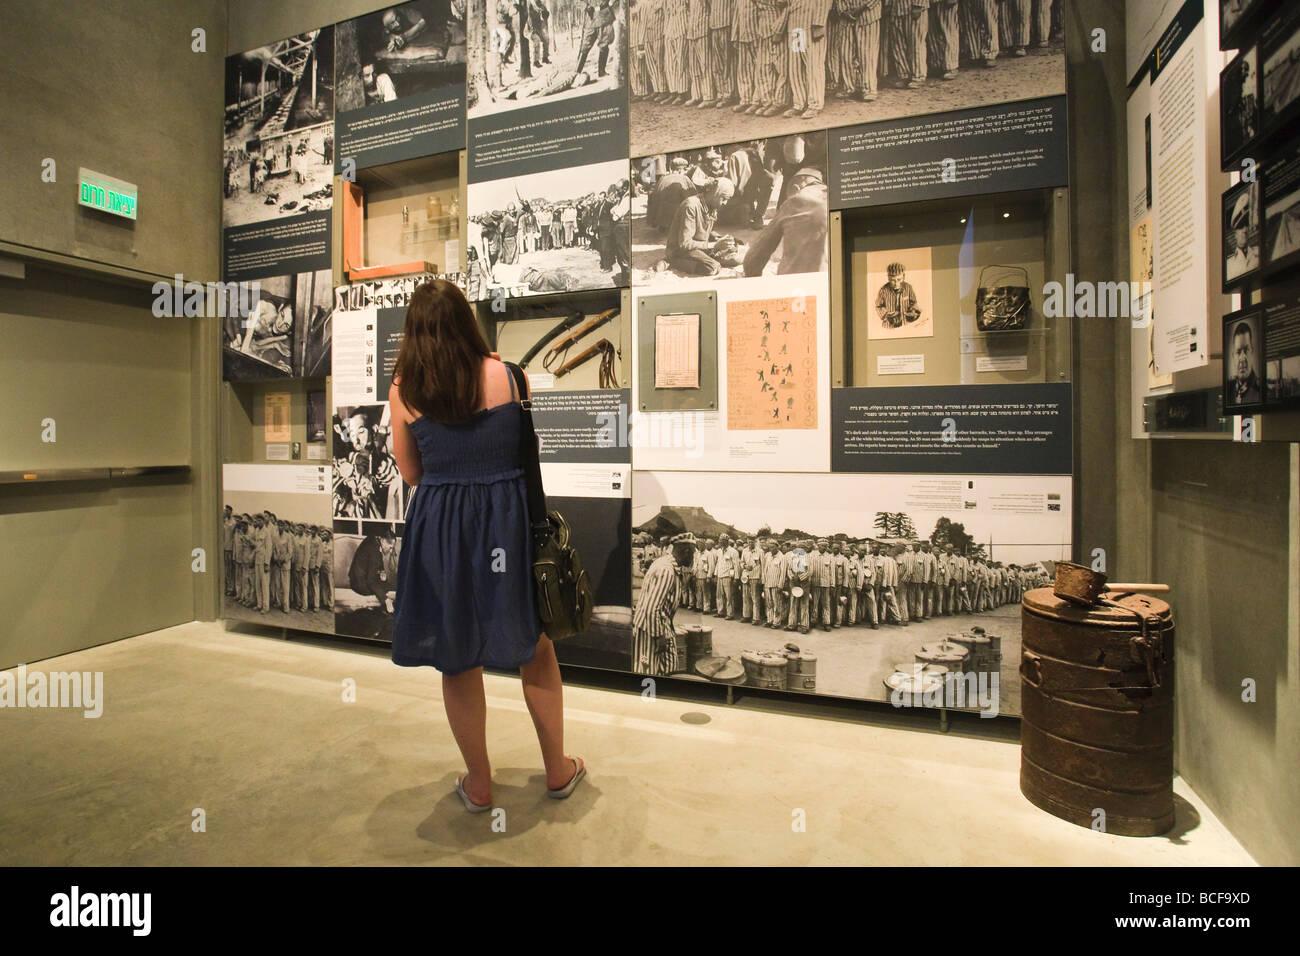 The New Yad Vashem Museum, Jerusalem, Israel - Stock Image